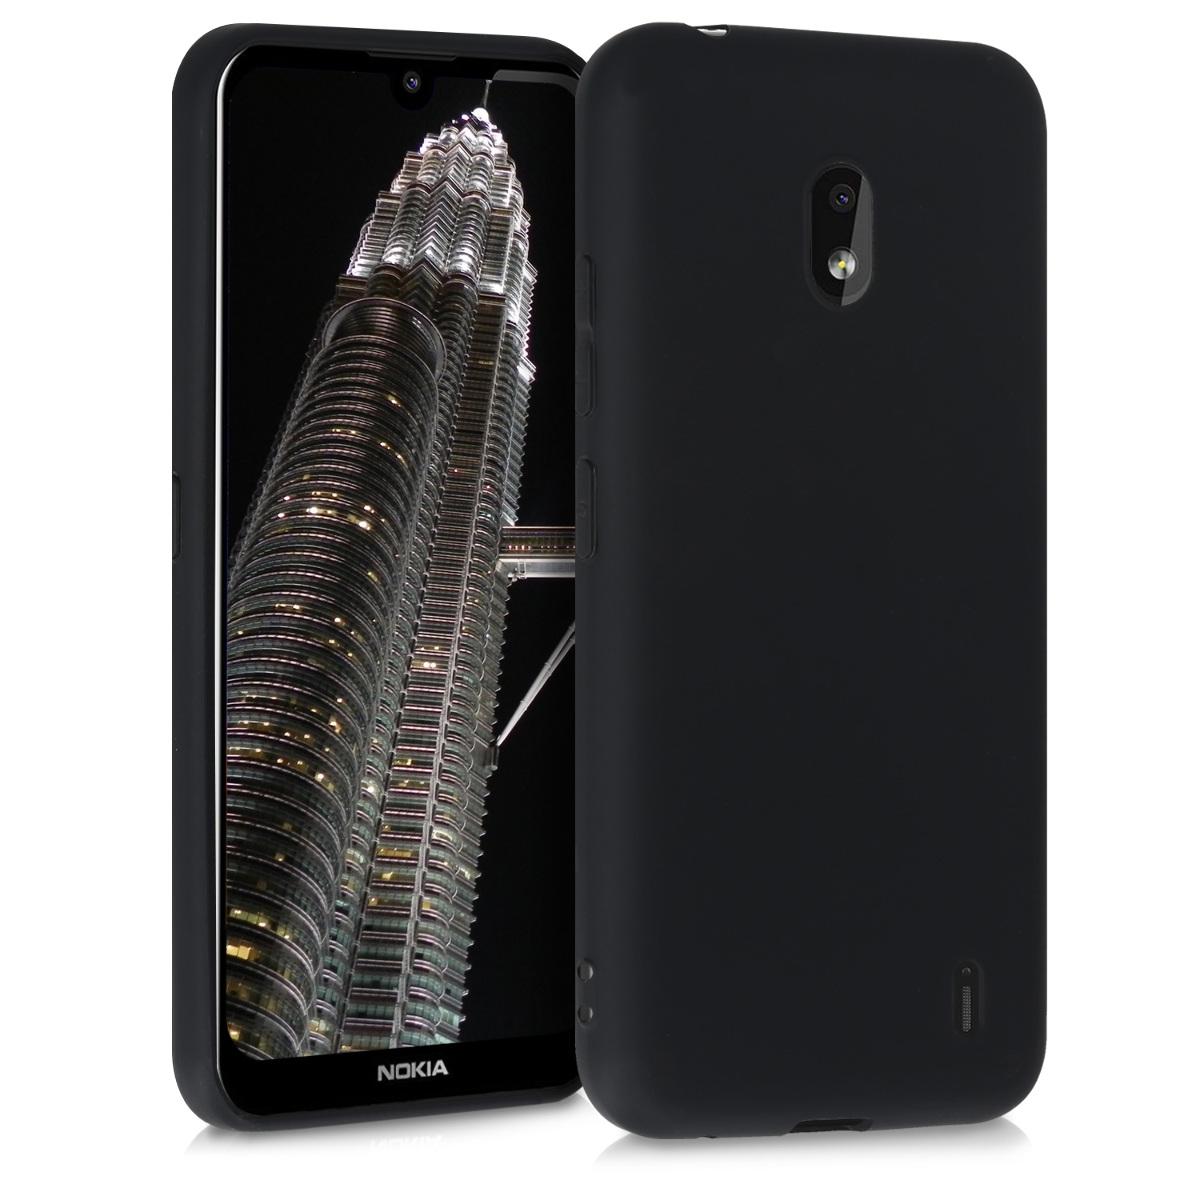 KW Θήκη Σιλικόνης Nokia 2.2 - Black (51523.01)